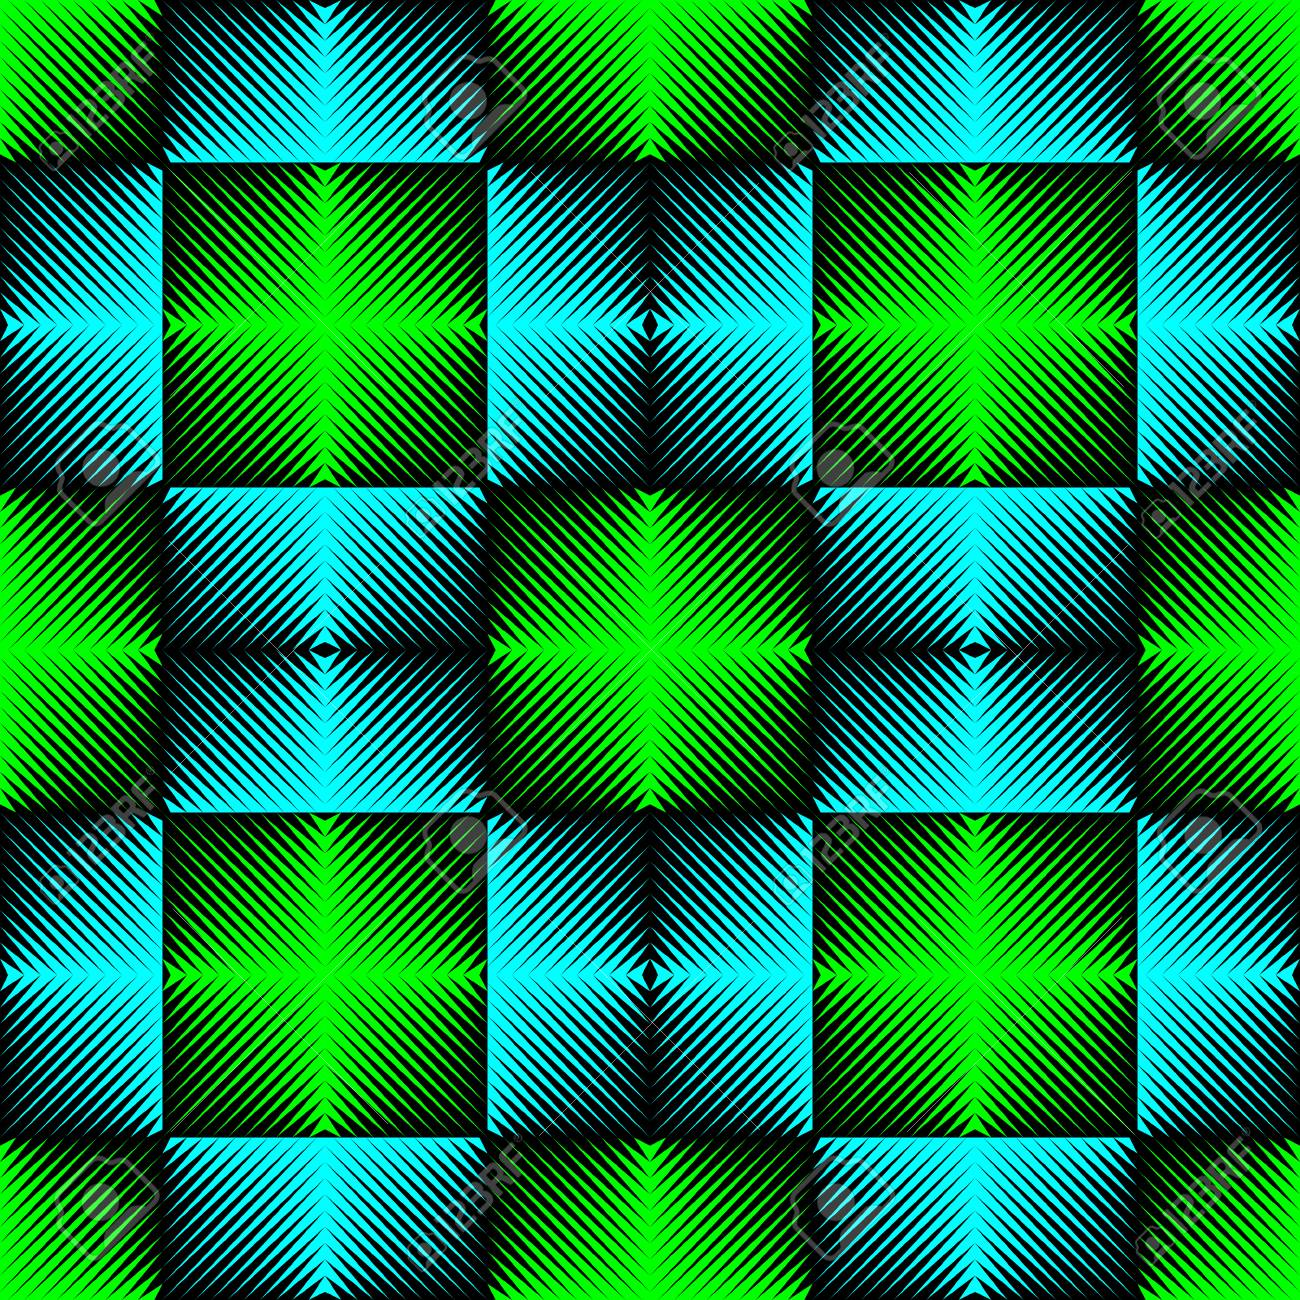 Vettoriale Modello Di Luce Al Neon Senza Soluzione Di Continuità